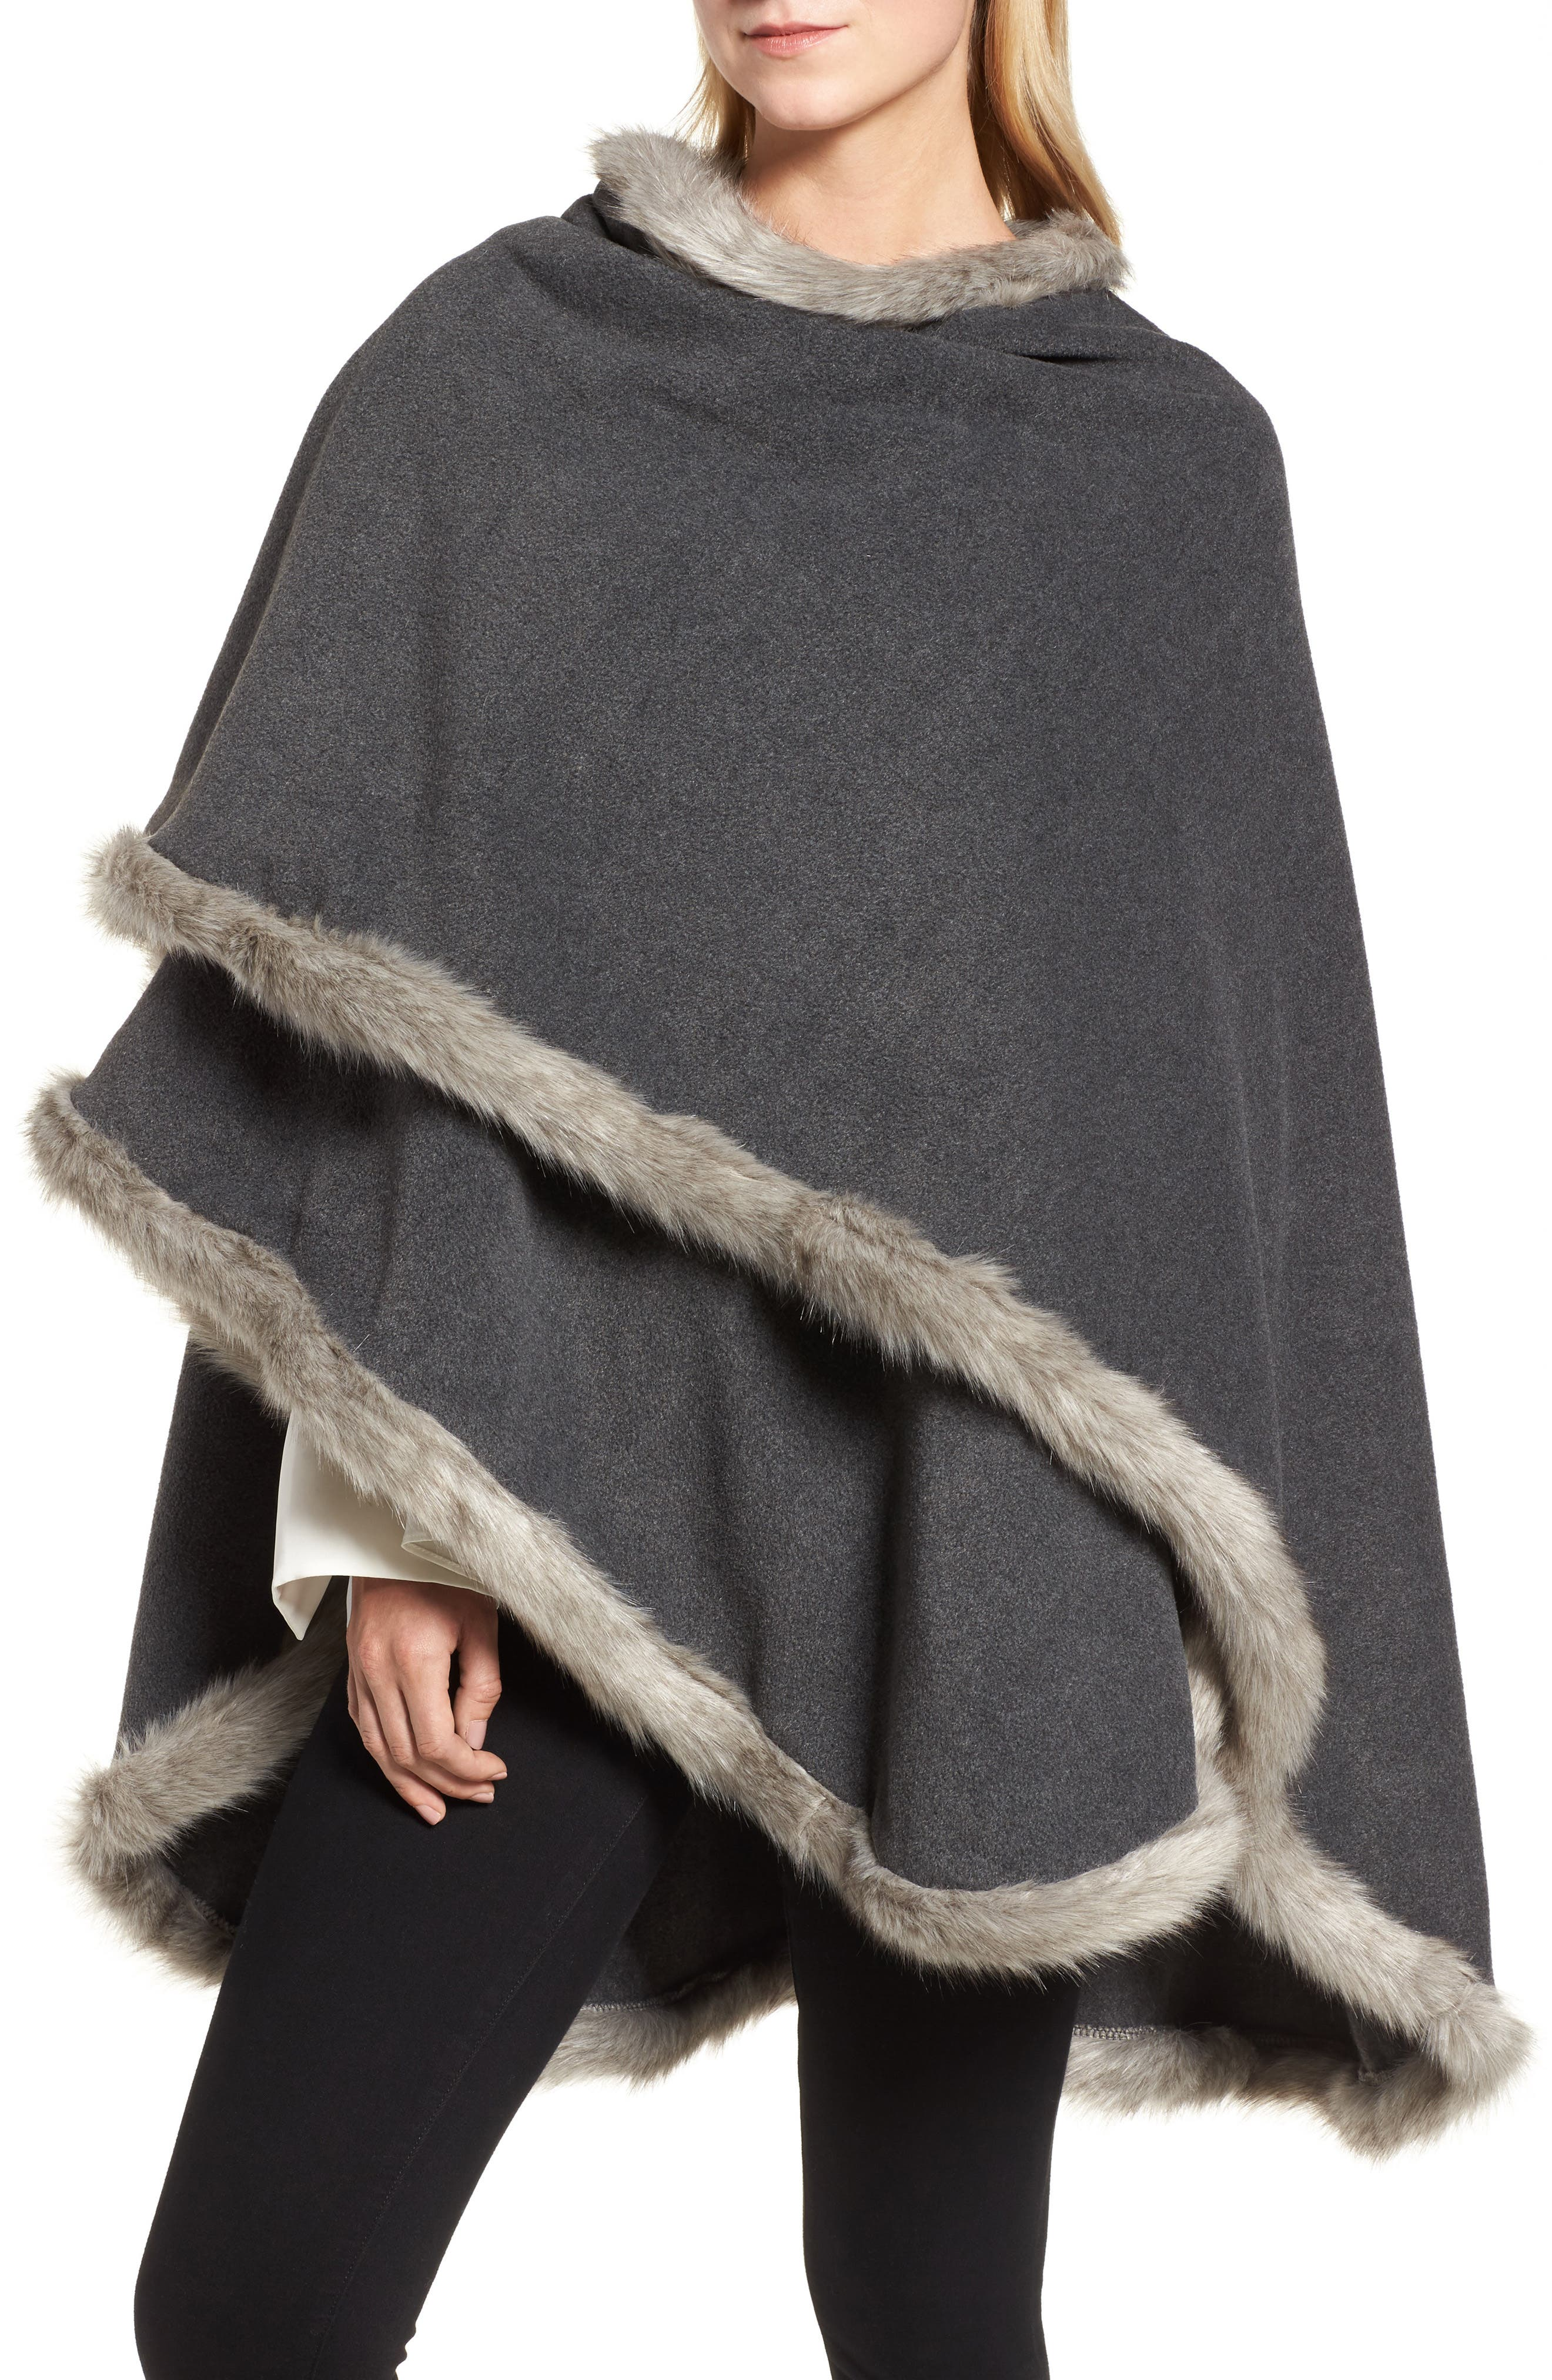 Tara Faux Fur Trim Wrap,                             Alternate thumbnail 4, color,                             Charcoal/ Granite Fox